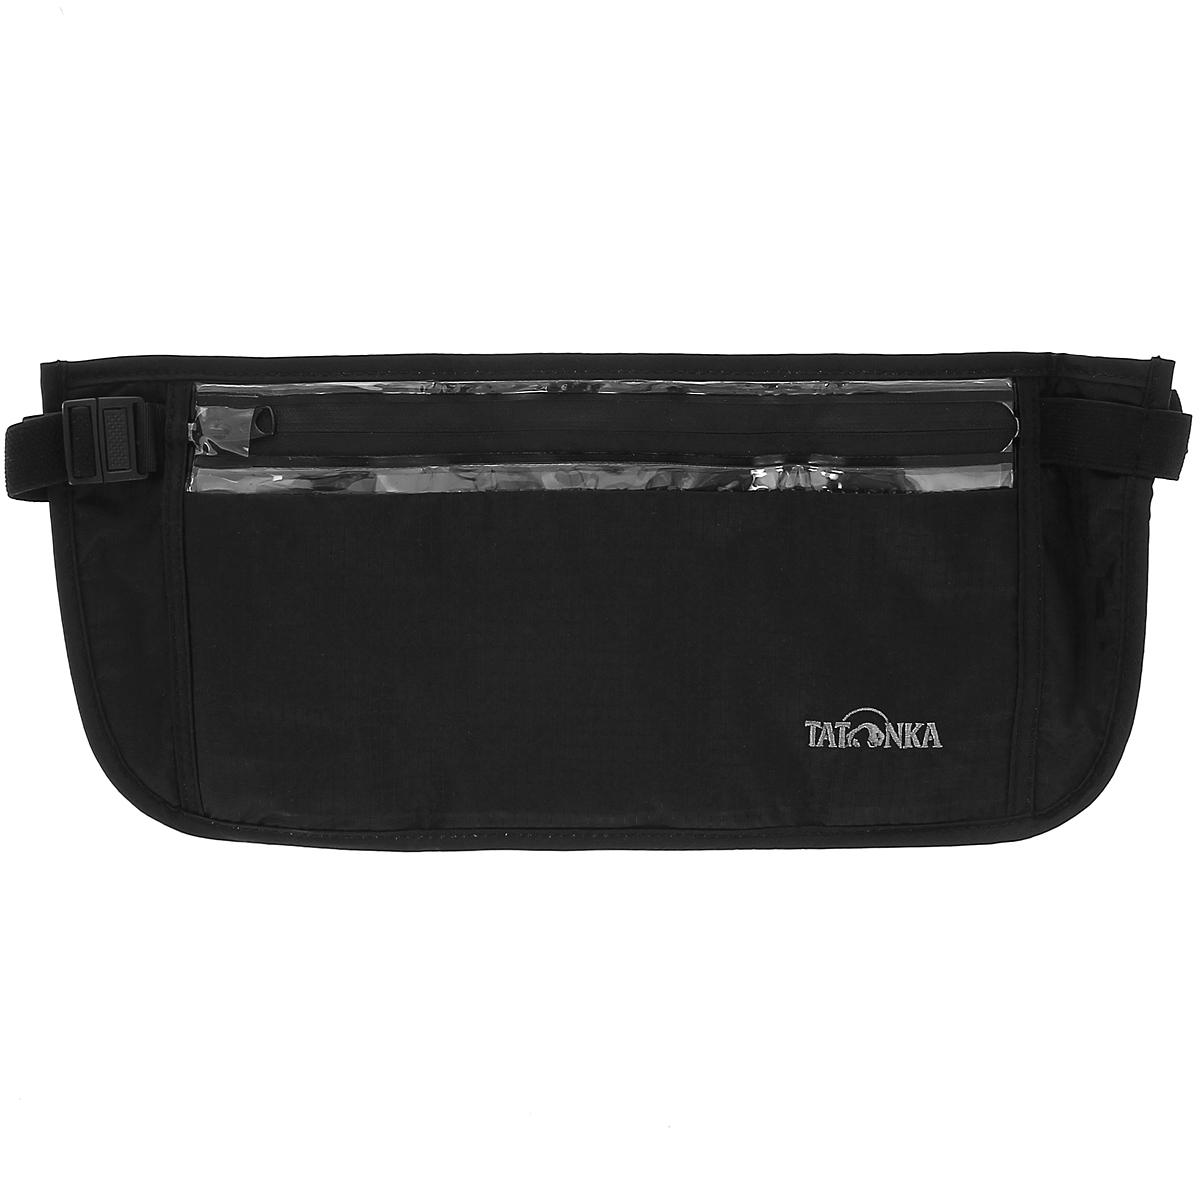 Кошелек на пояс Tatonka Skin Security Pocket, потайной, цвет: черный2857.040Большой вместительный кошелек для скрытого ношения на поясе Tatonka Skin Security Pocket подойдет не только для хранения денег, но и для сохранности документов и других ценных предметов. Он крепится на пояс при помощи эластичного ремня, длина которого регулируется. Изделие имеет одно вместительное отделение на водонепроницаемой застежке-молнии. Кошелек с обратной стороны выполнен из приятного для кожи мягкого материала, не вызывающего аллергию, внутри обтянут водонепроницаемой пленкой.Материал: 210T Nylon Rip Stop. Очень легкий материал RipStop нейлон (210 Den полиамид) с красивой и приятной на ощупь поверхностью, очень прочный. Изнутри покрыт полиуретаном с водостоойкостью 2000 мм. Нитка 210 денье (сокращено: Den) создает прочность на разрыв.